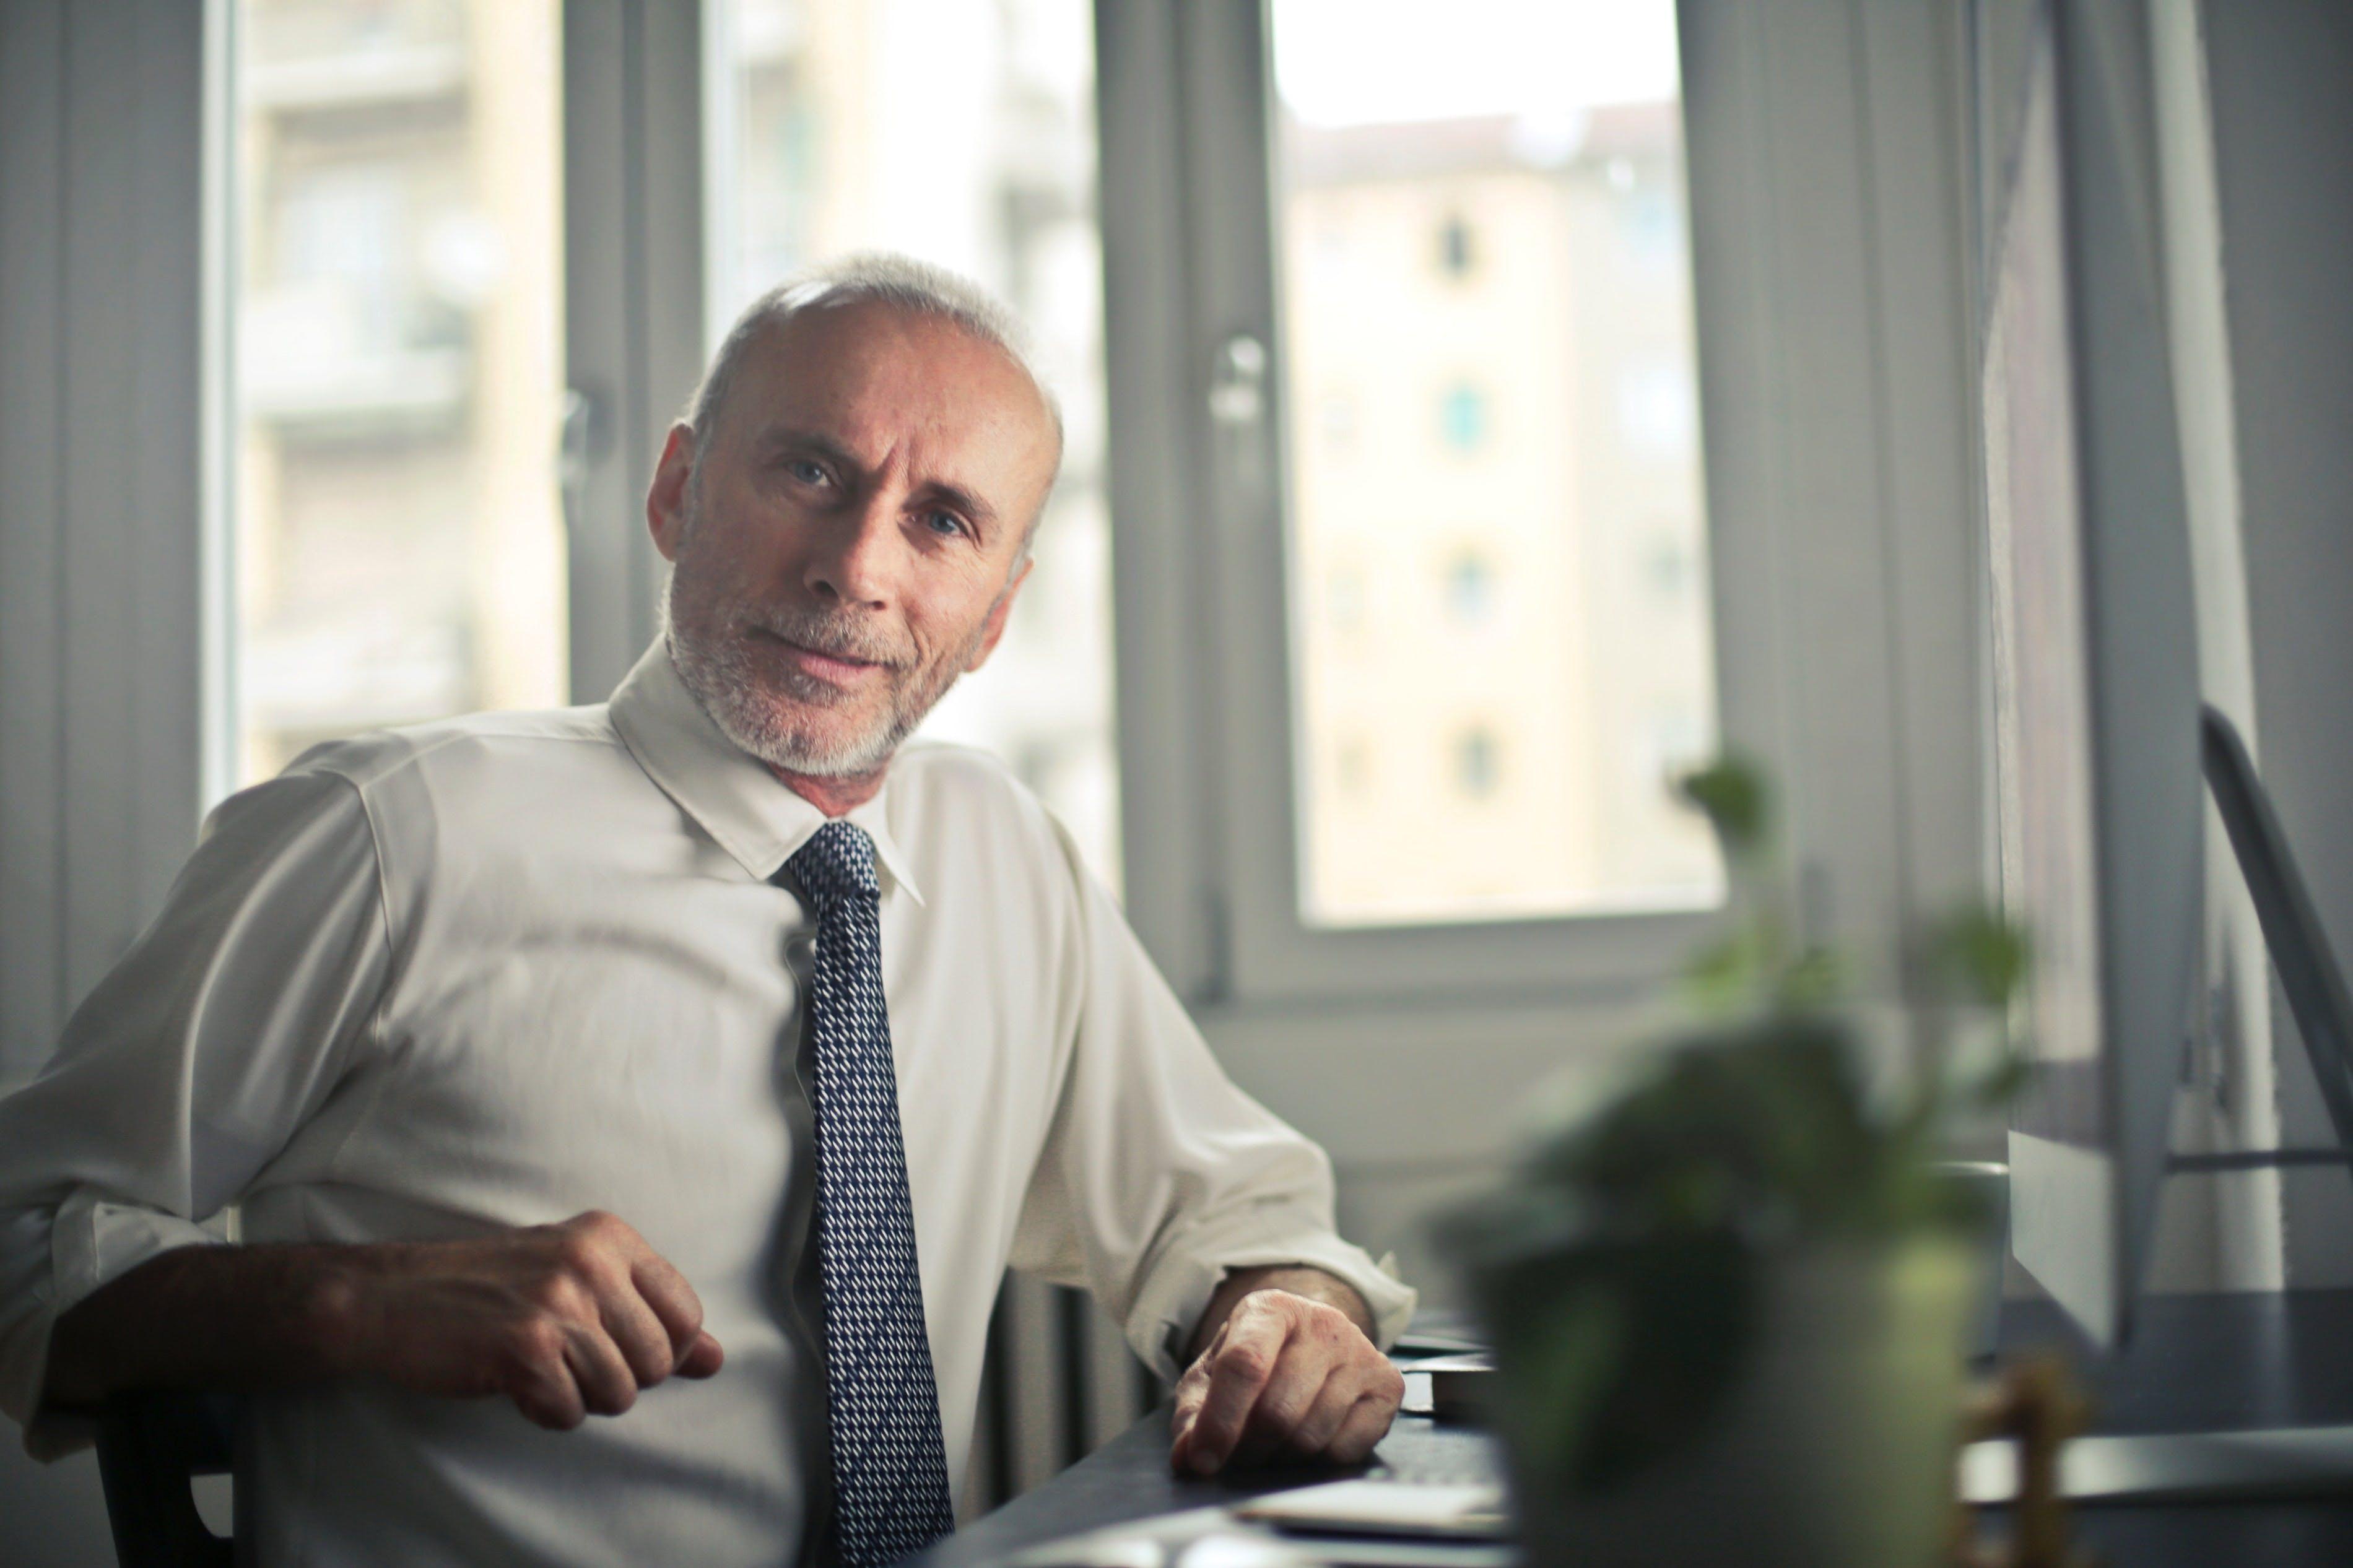 Titelbild-Senior-Boss-Chef-Office-Büro-Krawatte-Bestager-Best-Ager-pexels-834863-bruce-mars